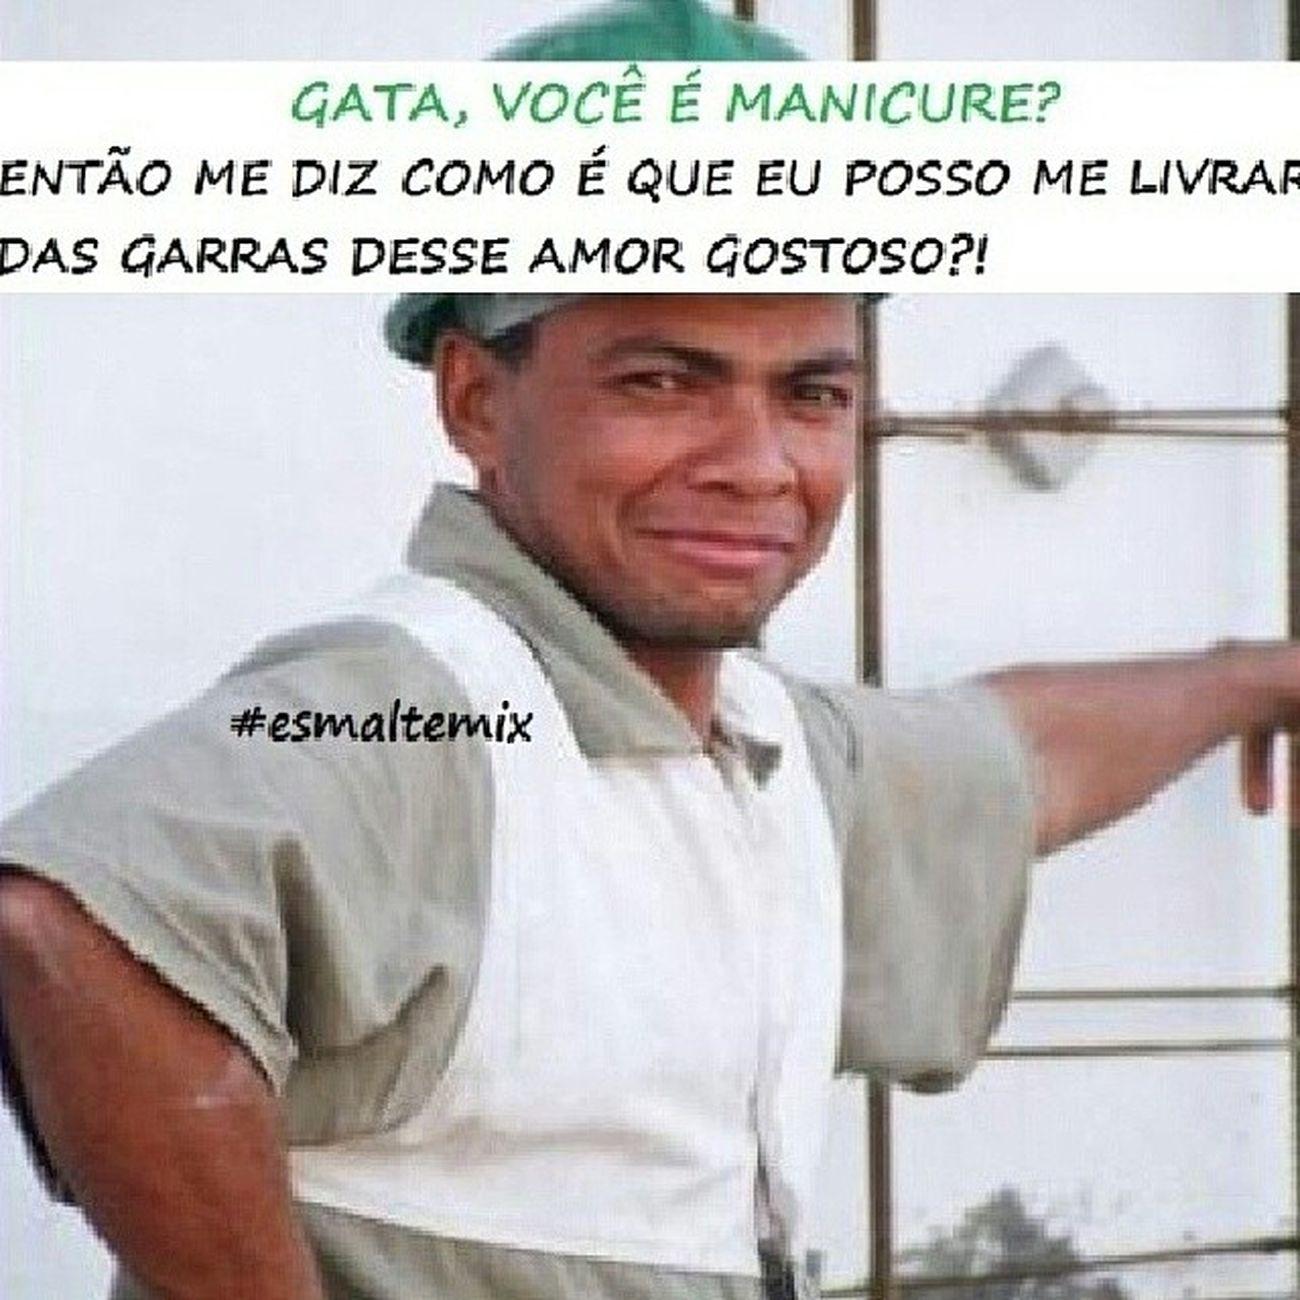 KKKKKKKKKKKKKKKKKKKKKKKKKKKKKKKKKKKKKKKKKKKKKKKK Risoseternos Morrindo Piada Unhas Manicure NuncaMaisPareiDeRir Salvador Bahia l4l likeforlife